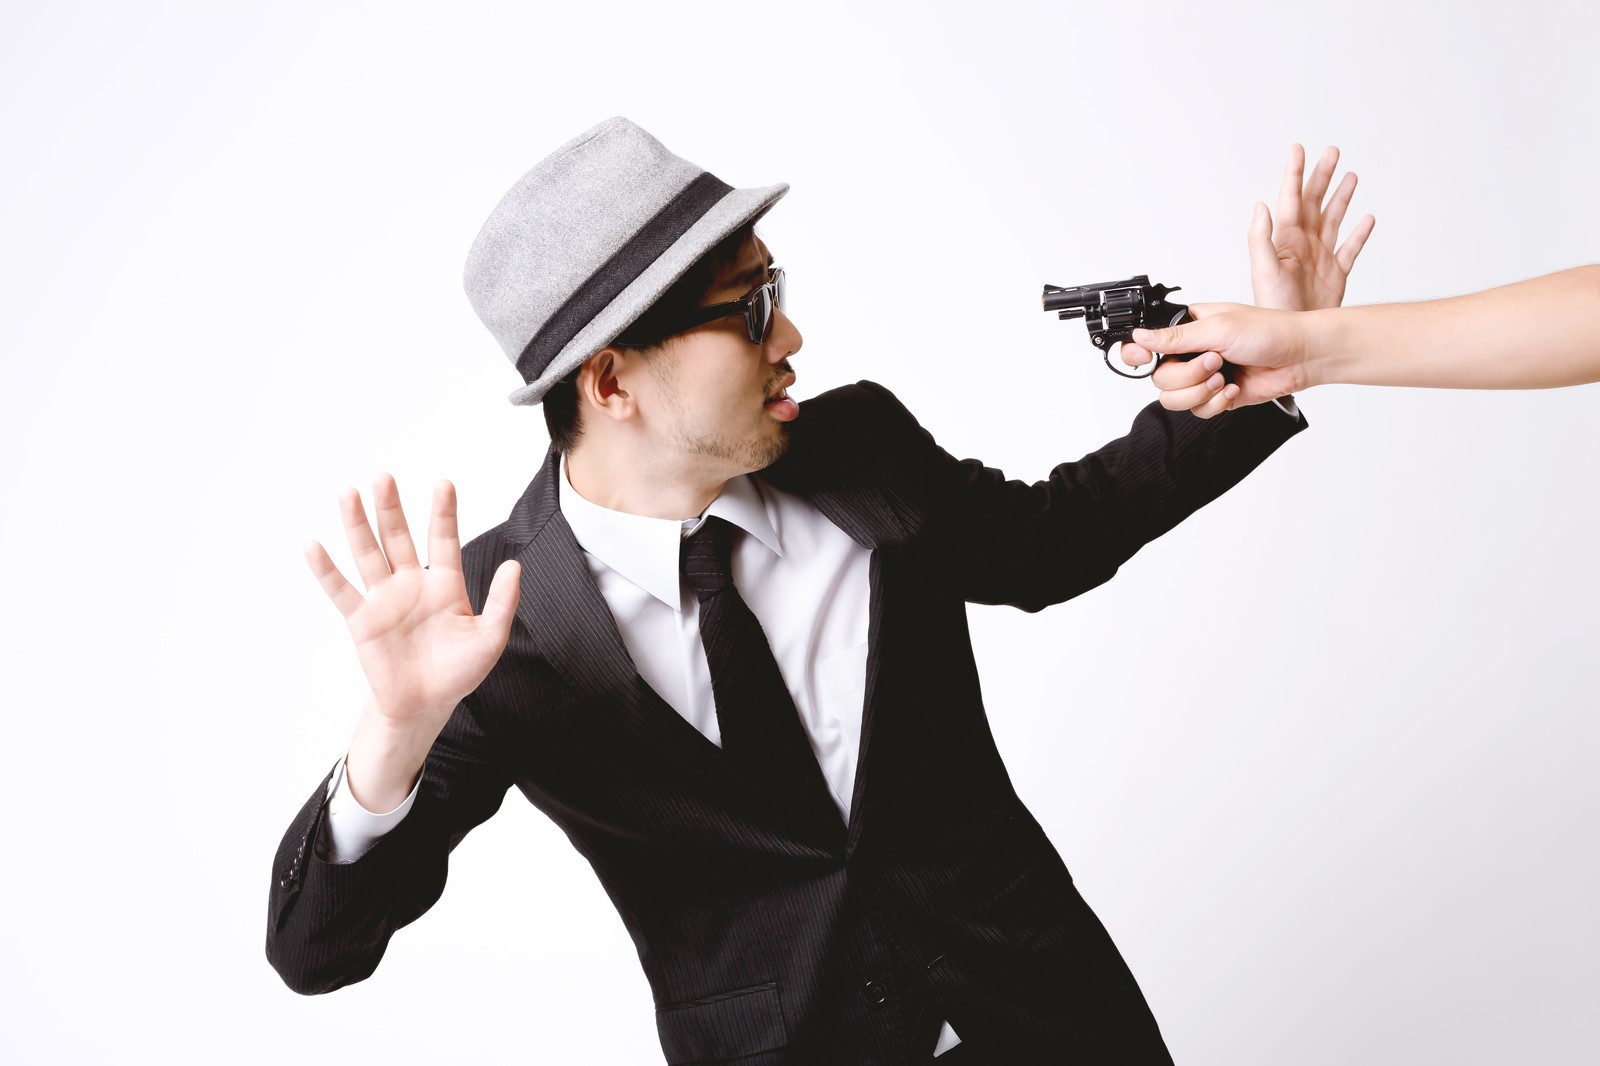 「拳銃を突きつけられ両腕をあげるエージェント拳銃を突きつけられ両腕をあげるエージェント」[モデル:ひろゆき]のフリー写真素材を拡大